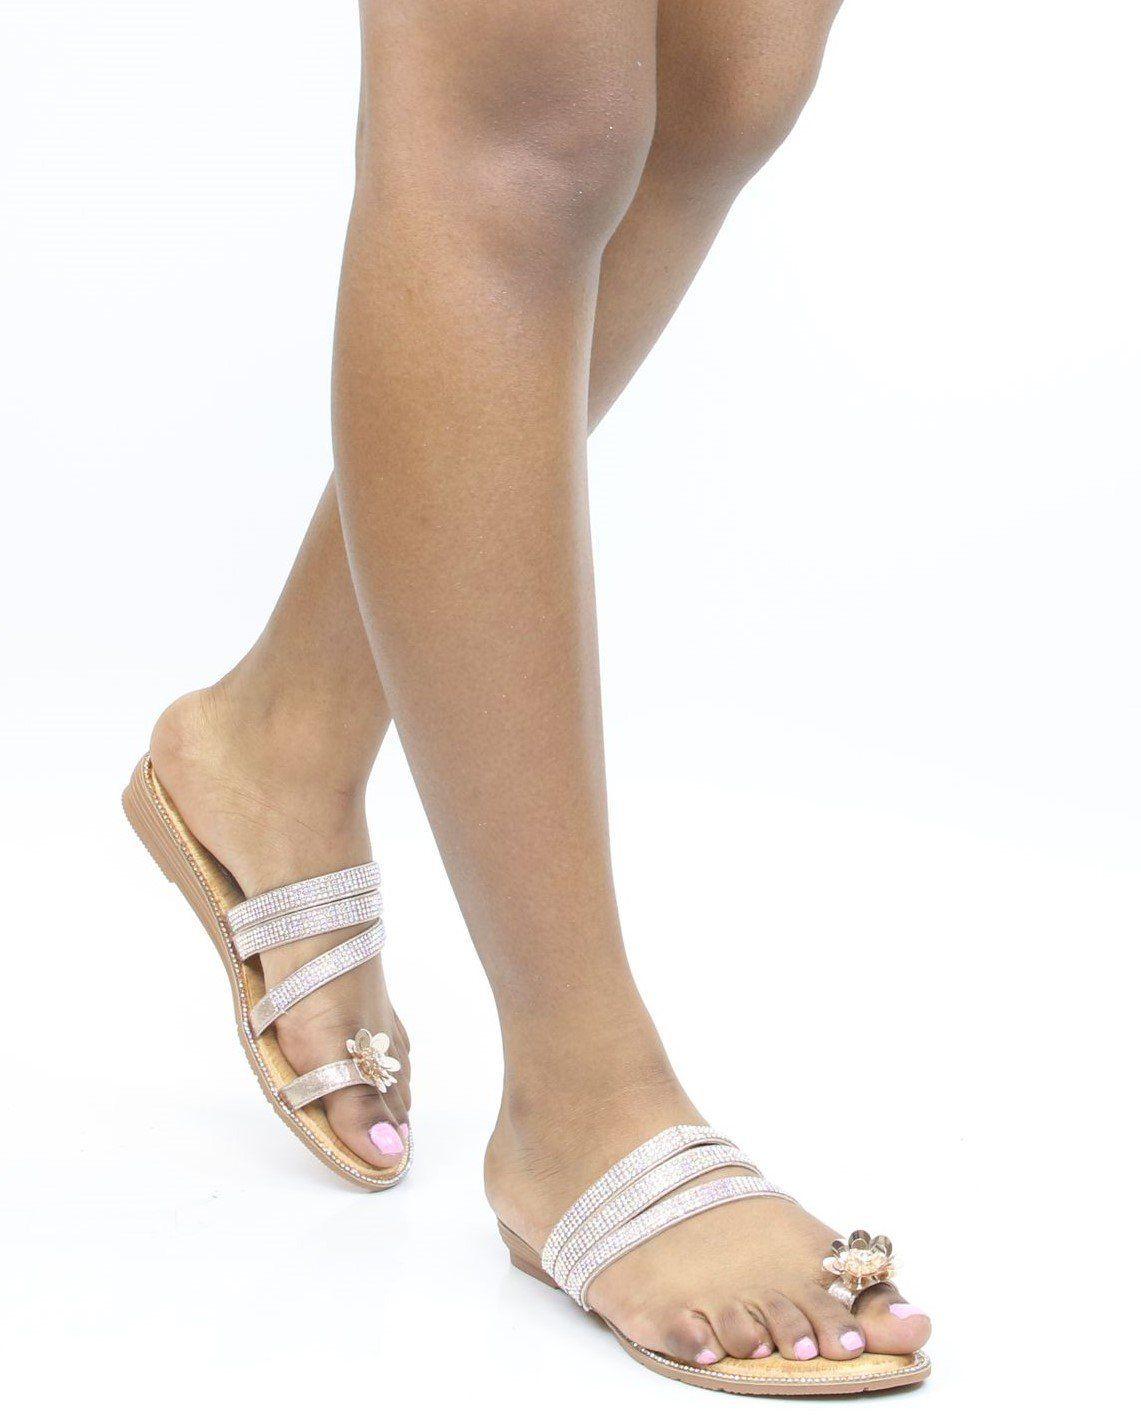 Flower Toe Ring Sandal Silver | Toe ring sandals, Toe